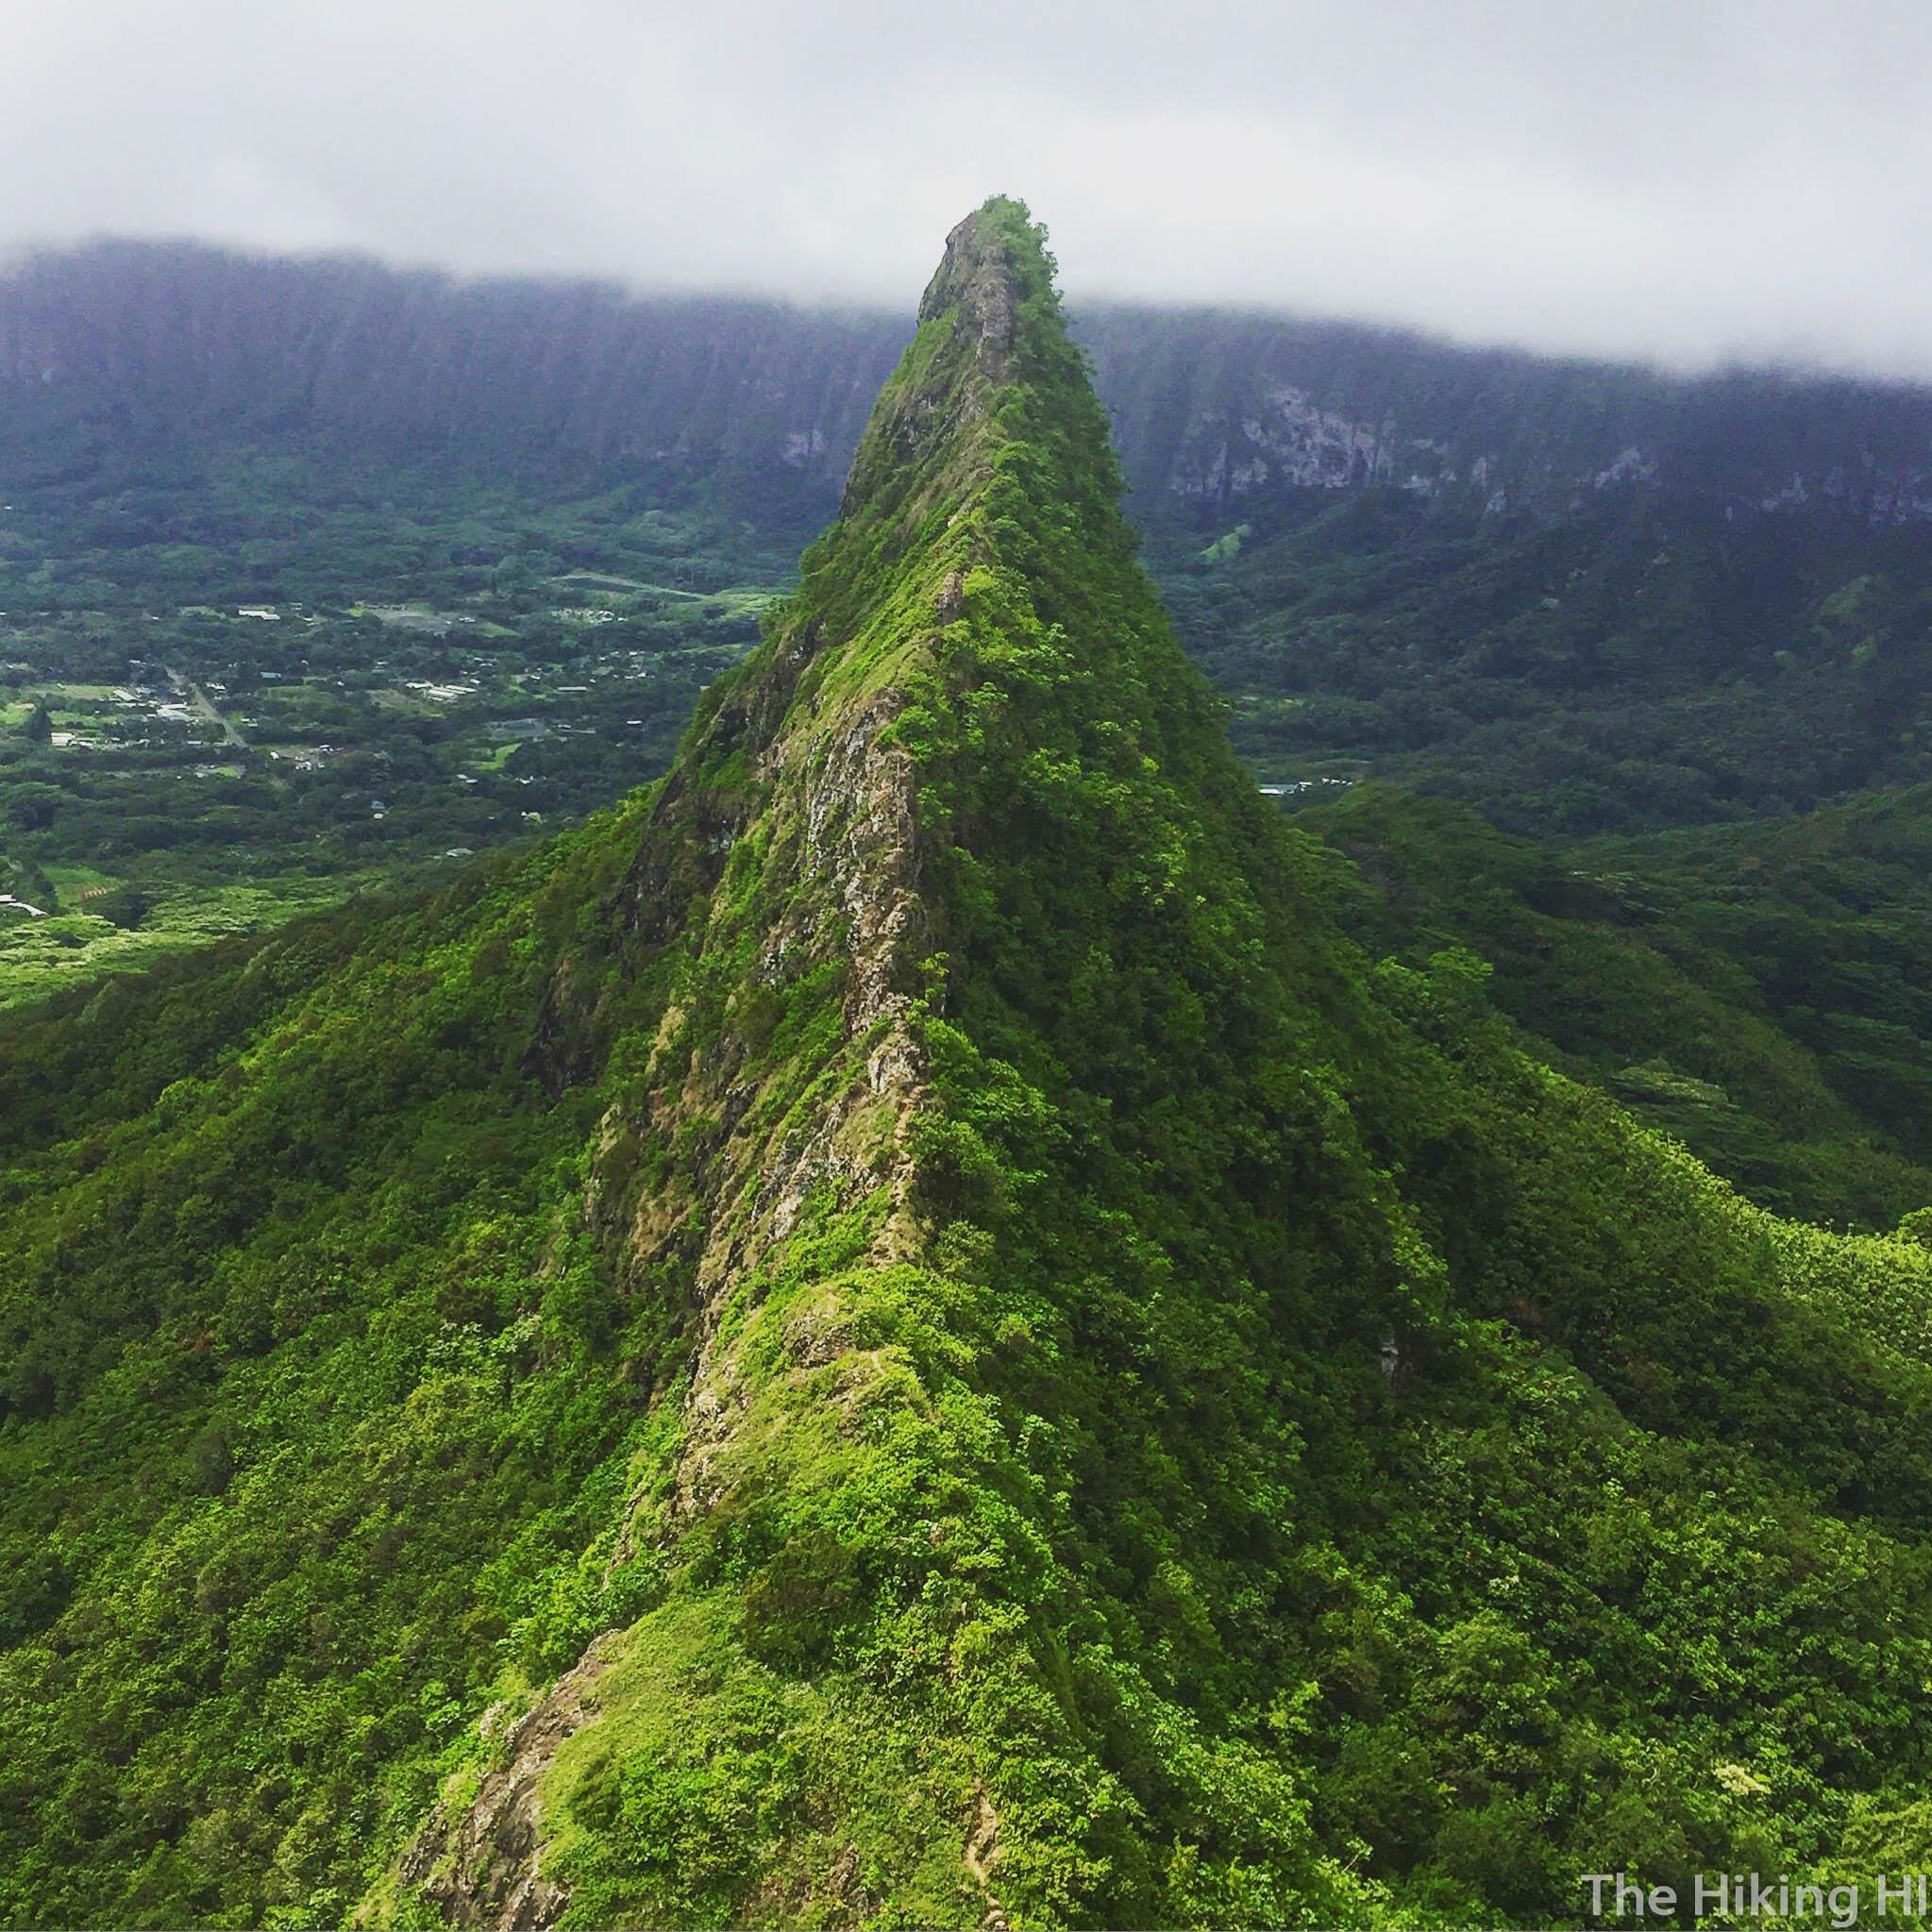 The Third Peak